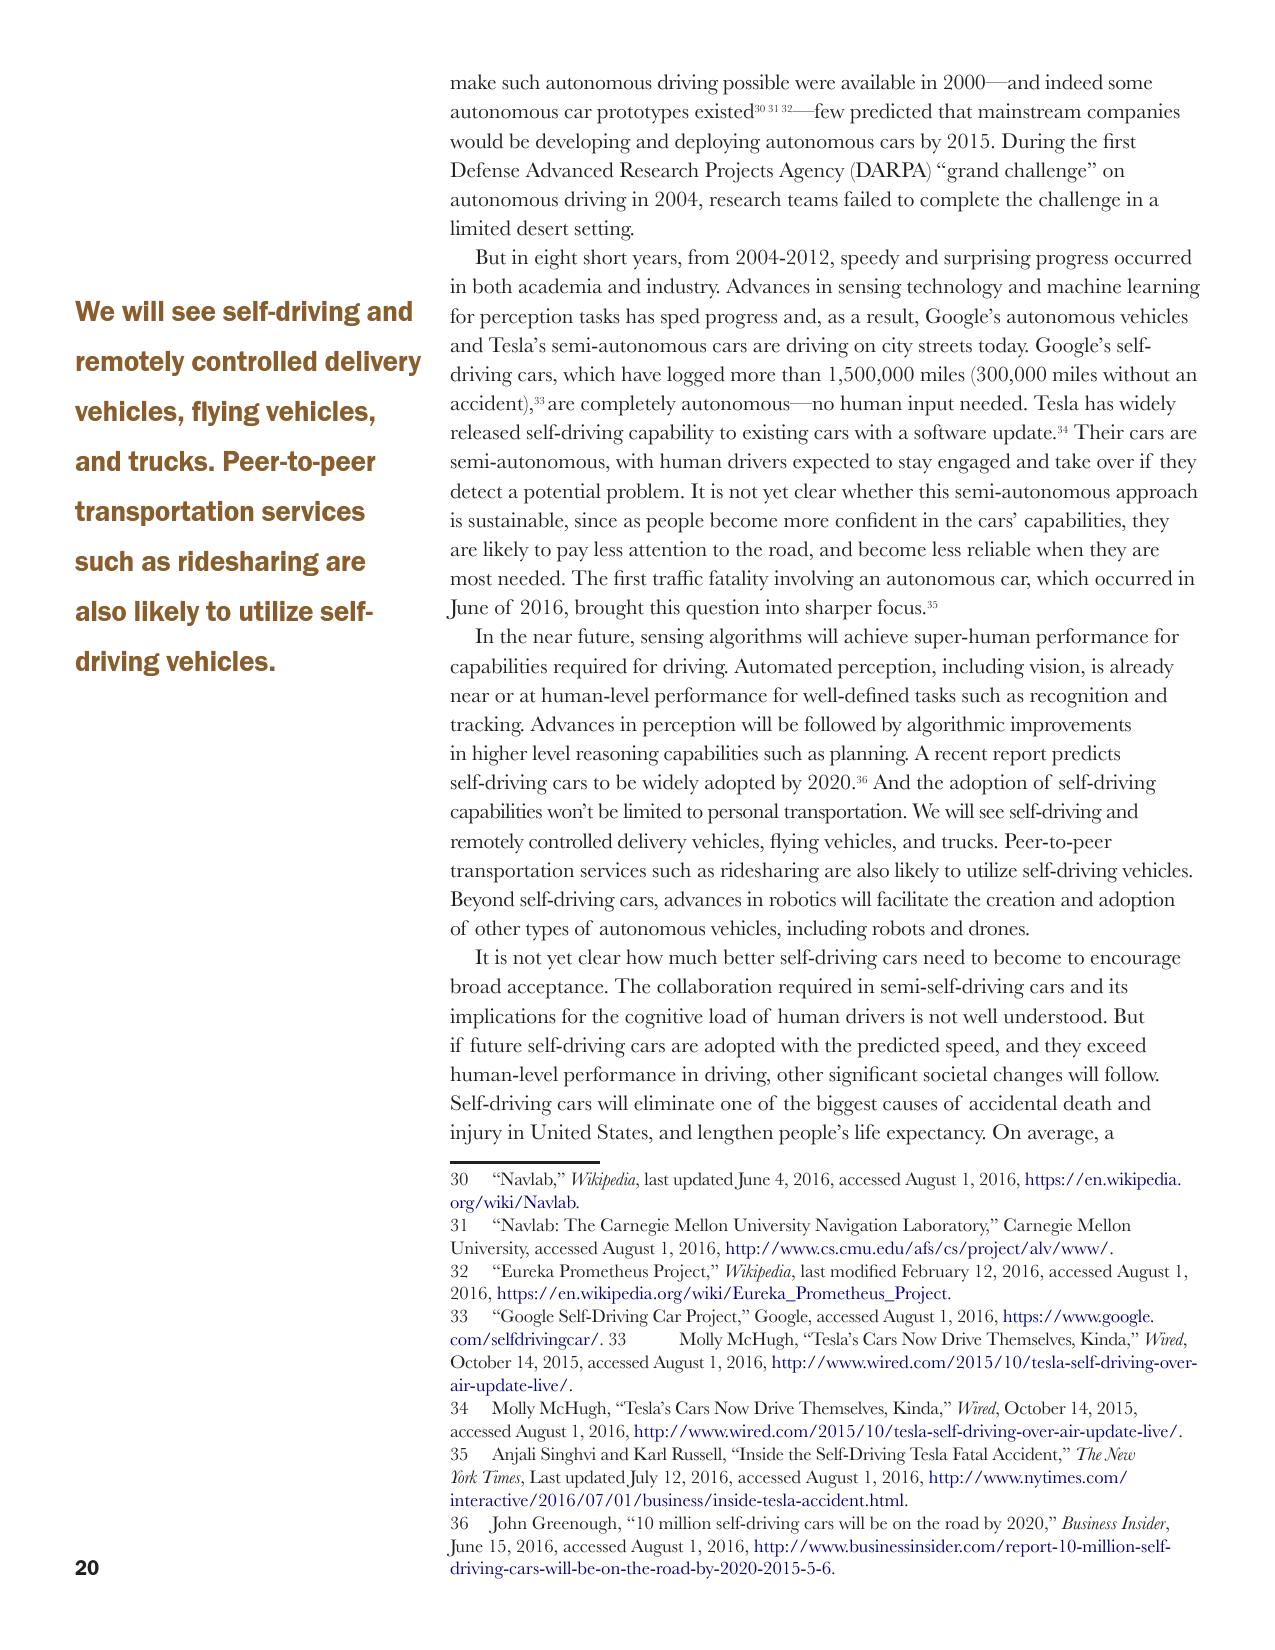 斯坦福:2030年的人工智能与人类生活_000020